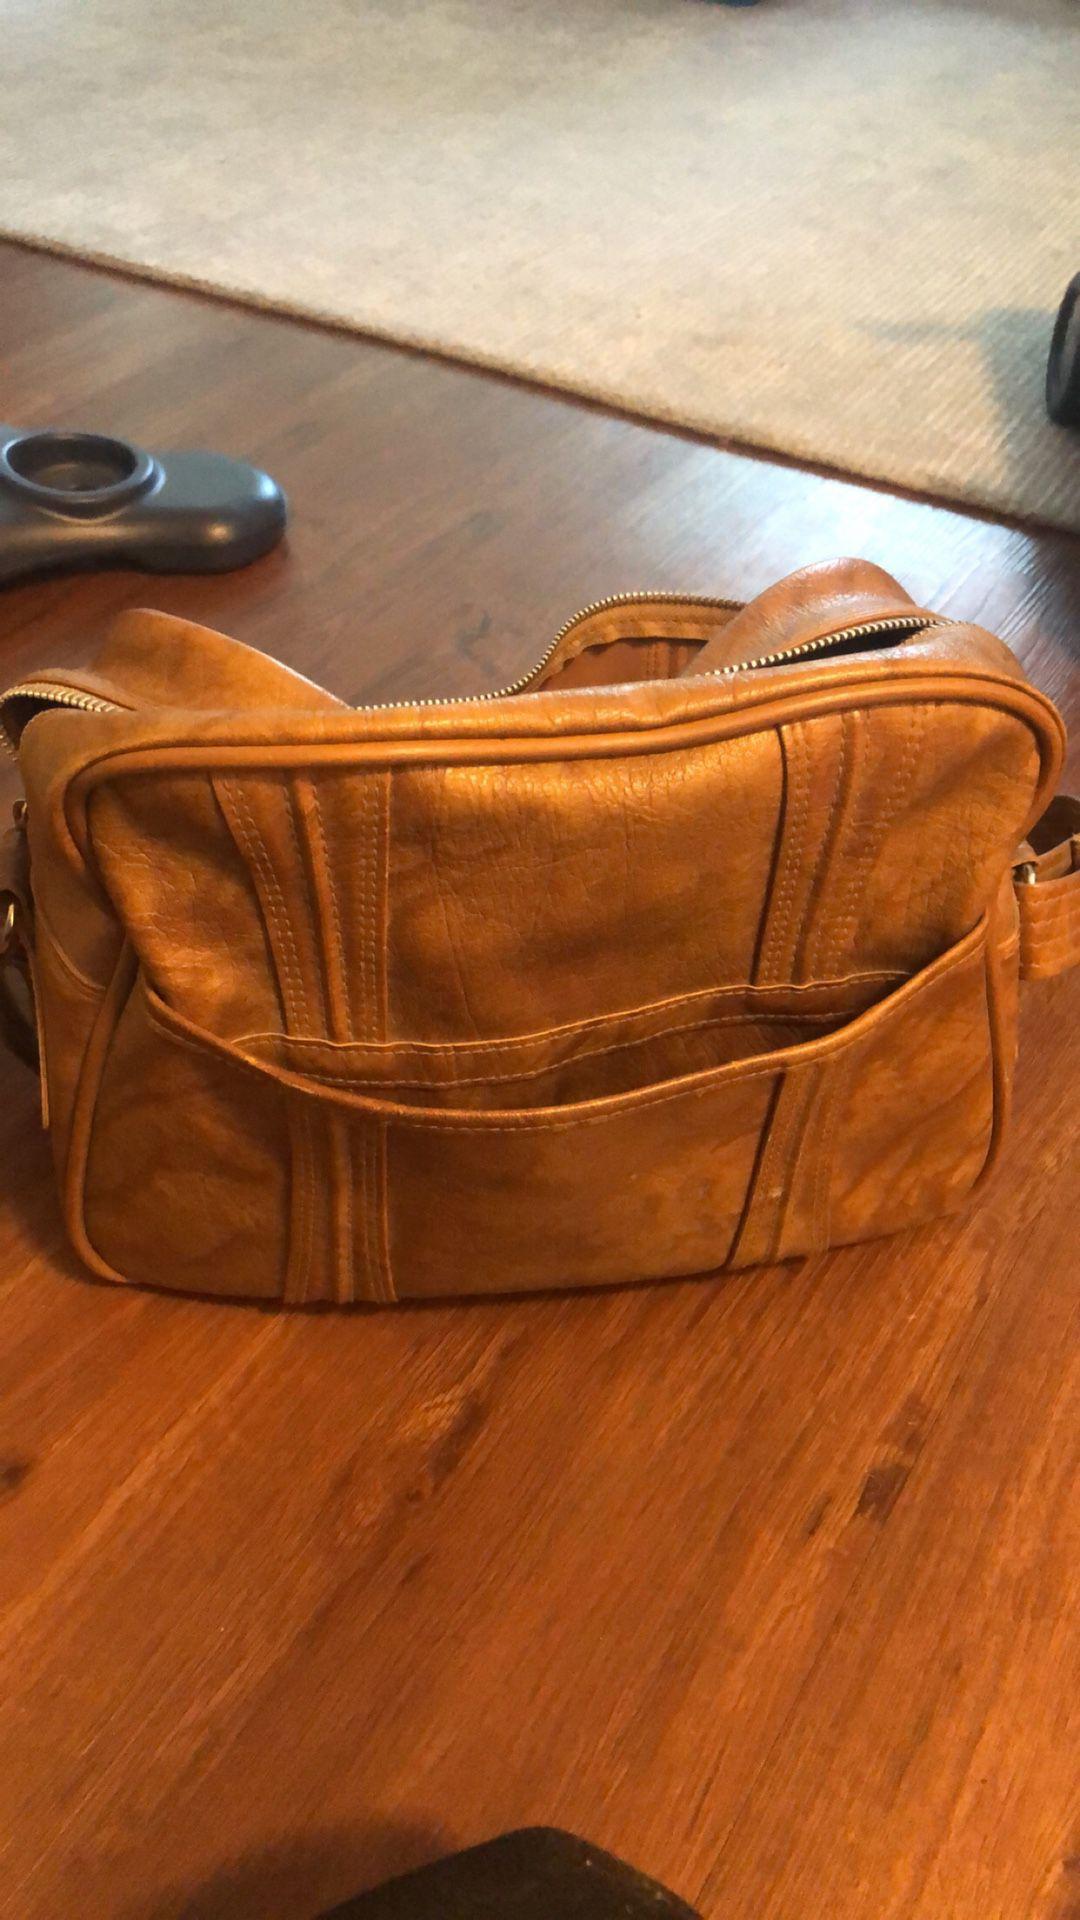 American tourister bag